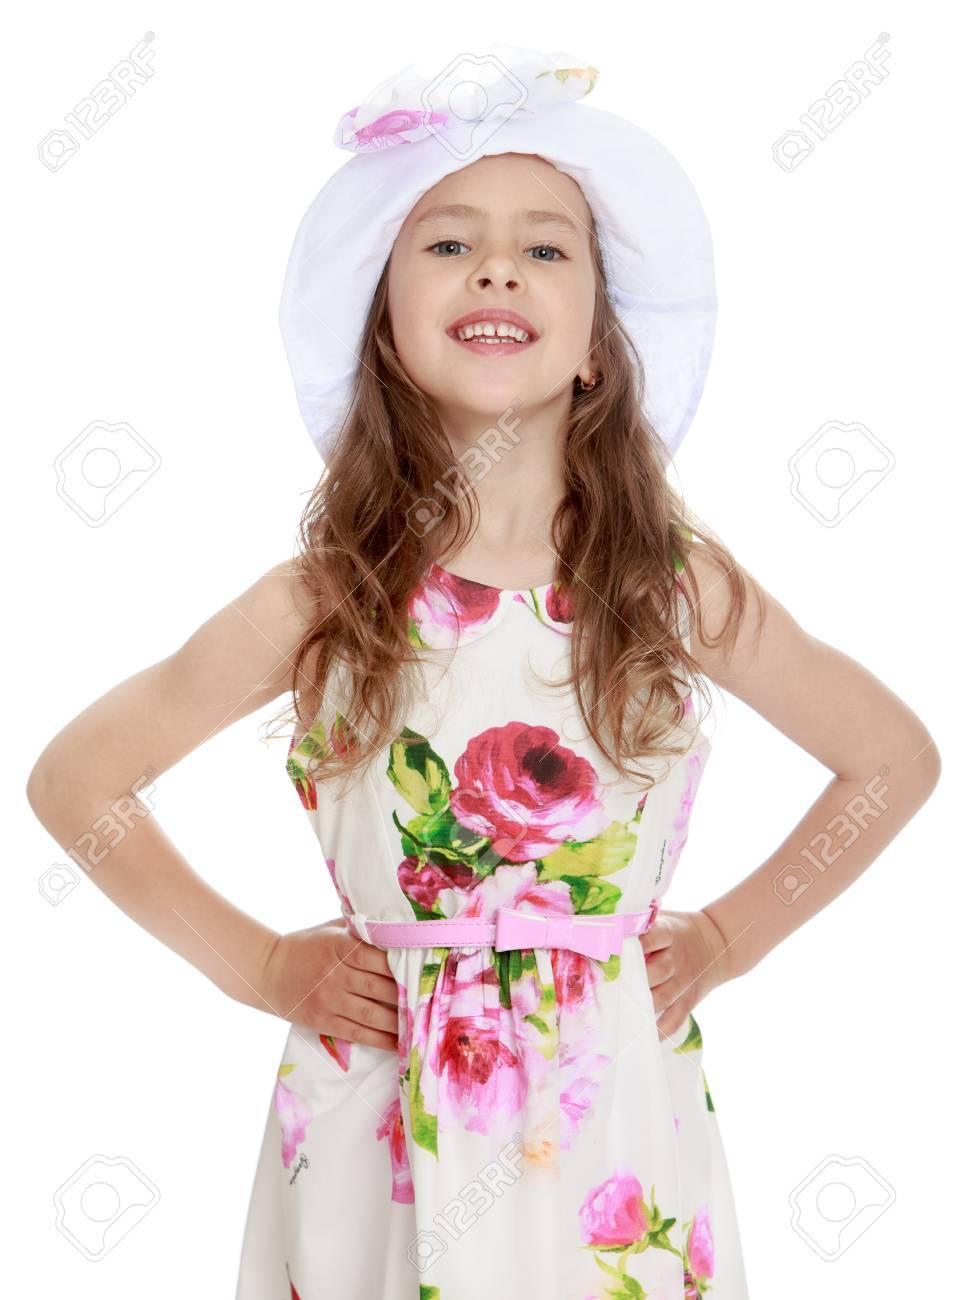 d0fbfd132751 La bella bambina in un vestito bianco da estate con grande è aumentato in  protezione bianca